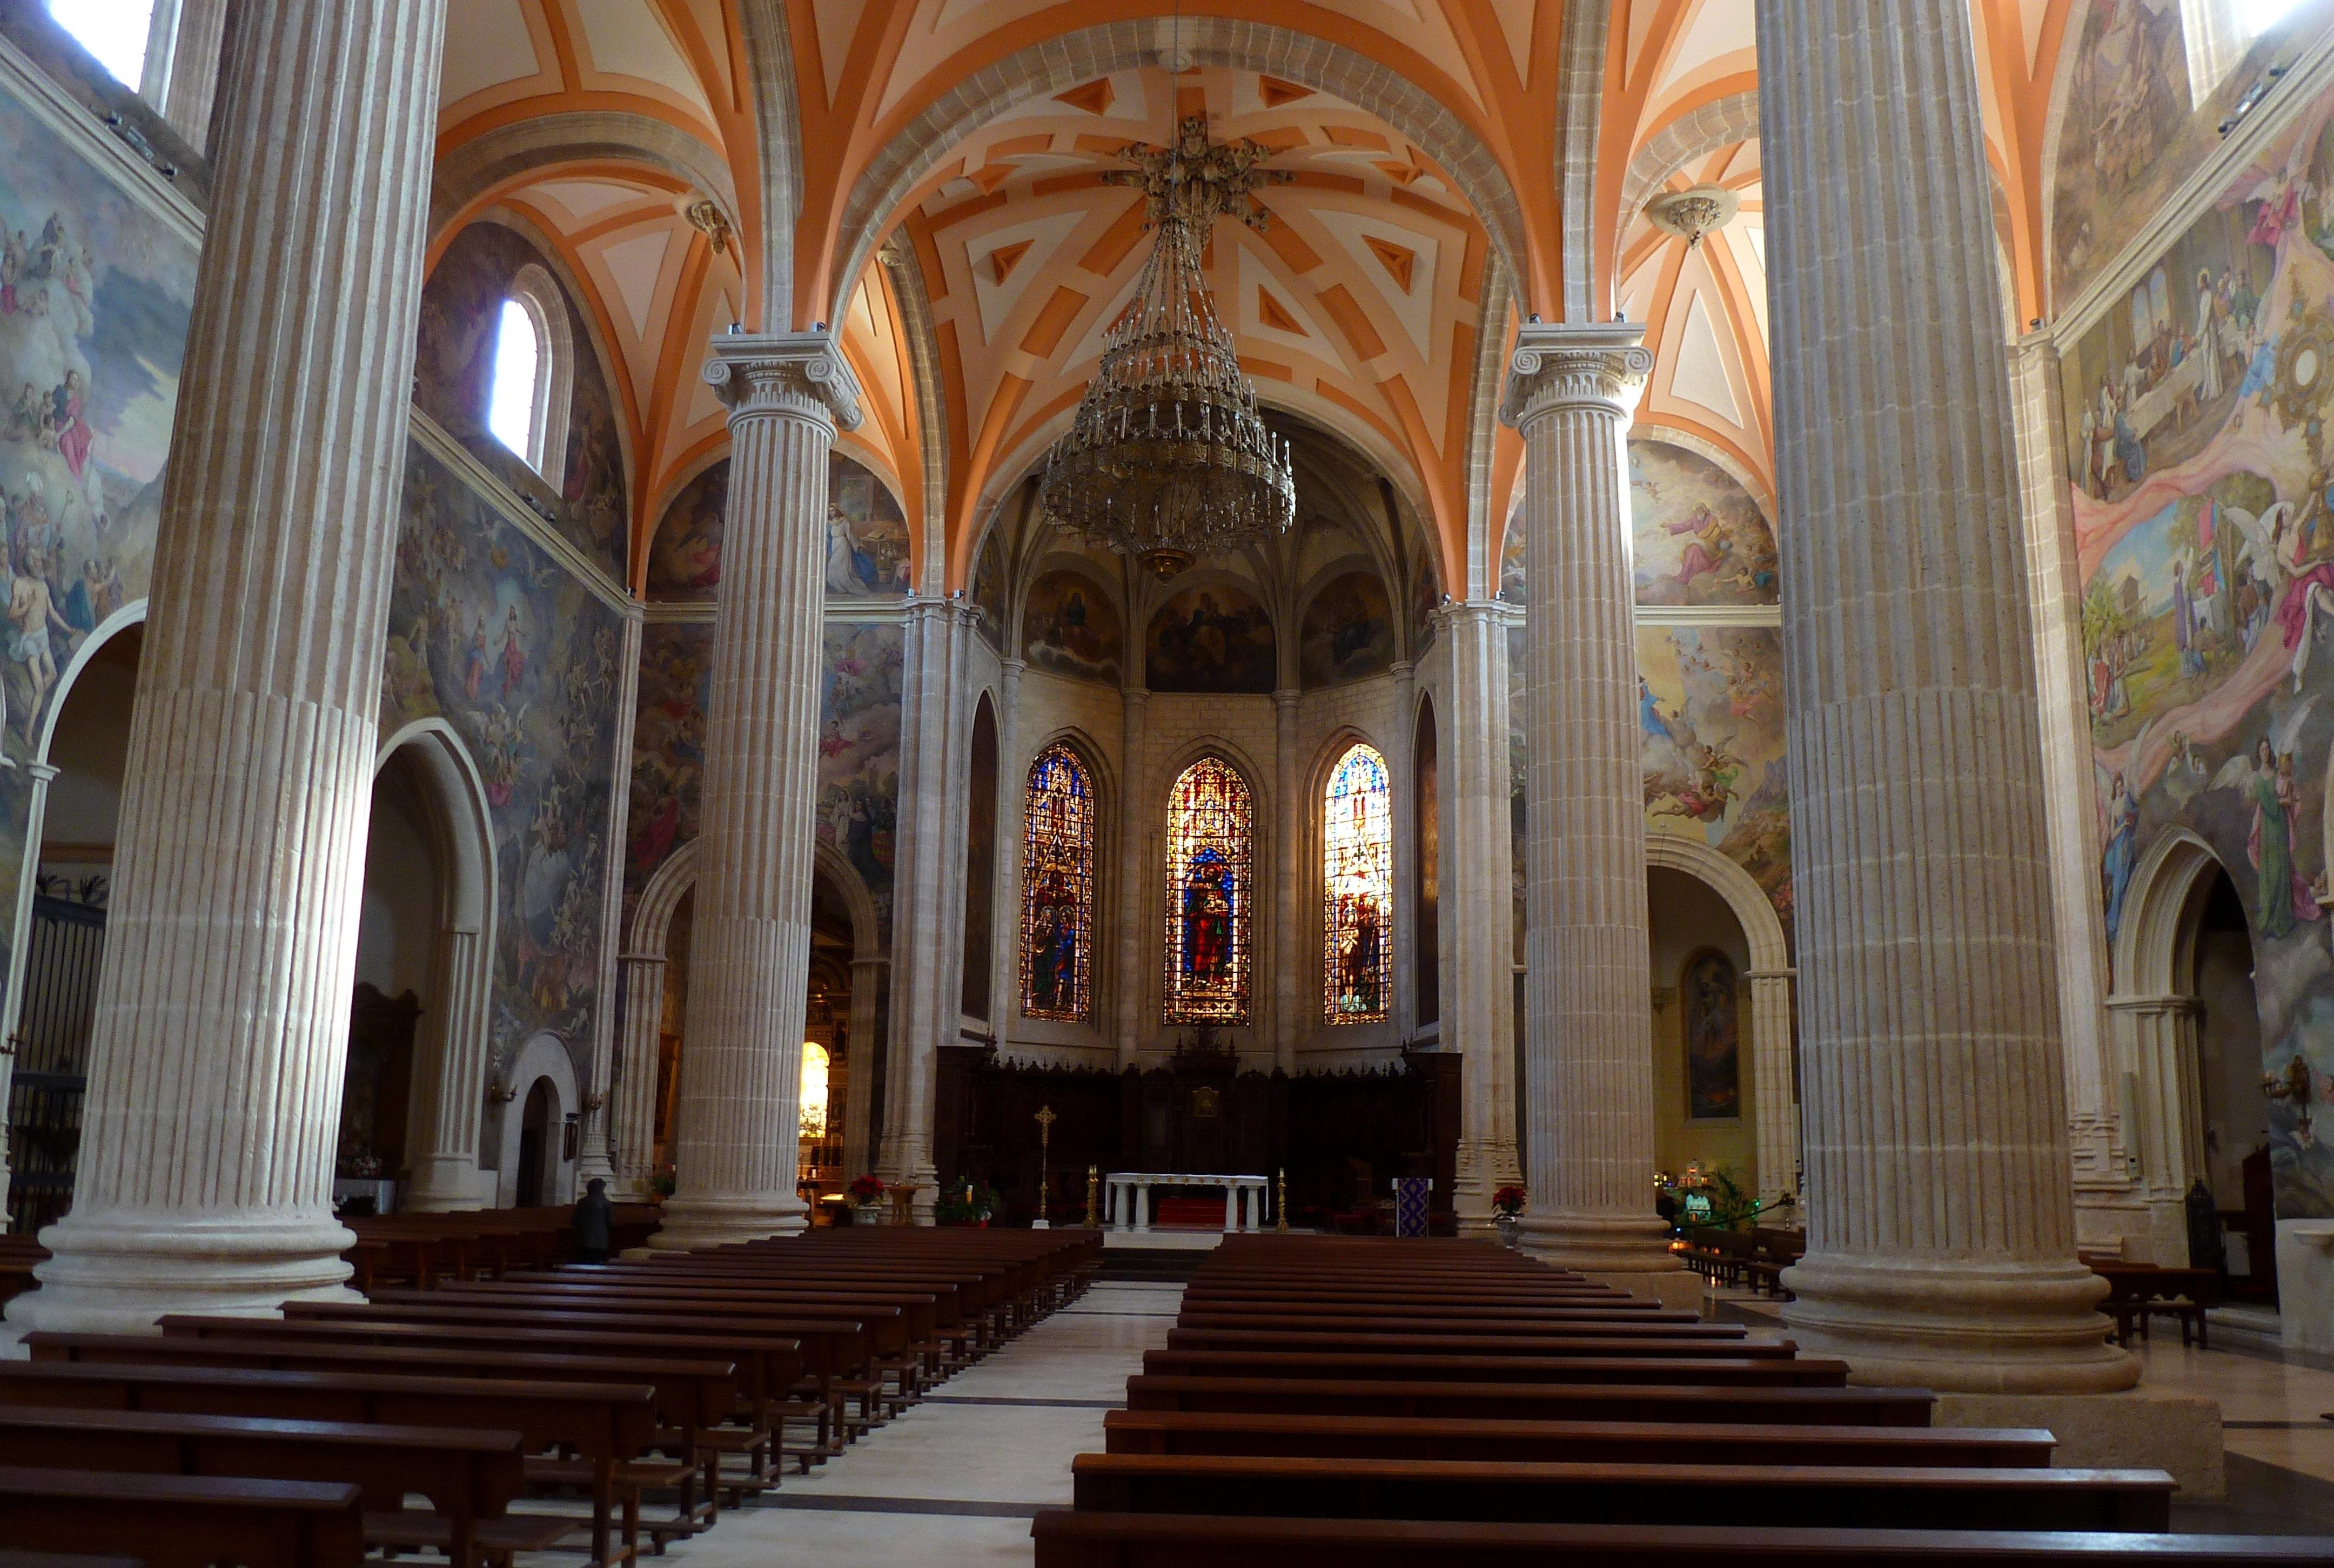 Archivo catedral albacete interior jpg wikipedia la for Catedral de zamora interior